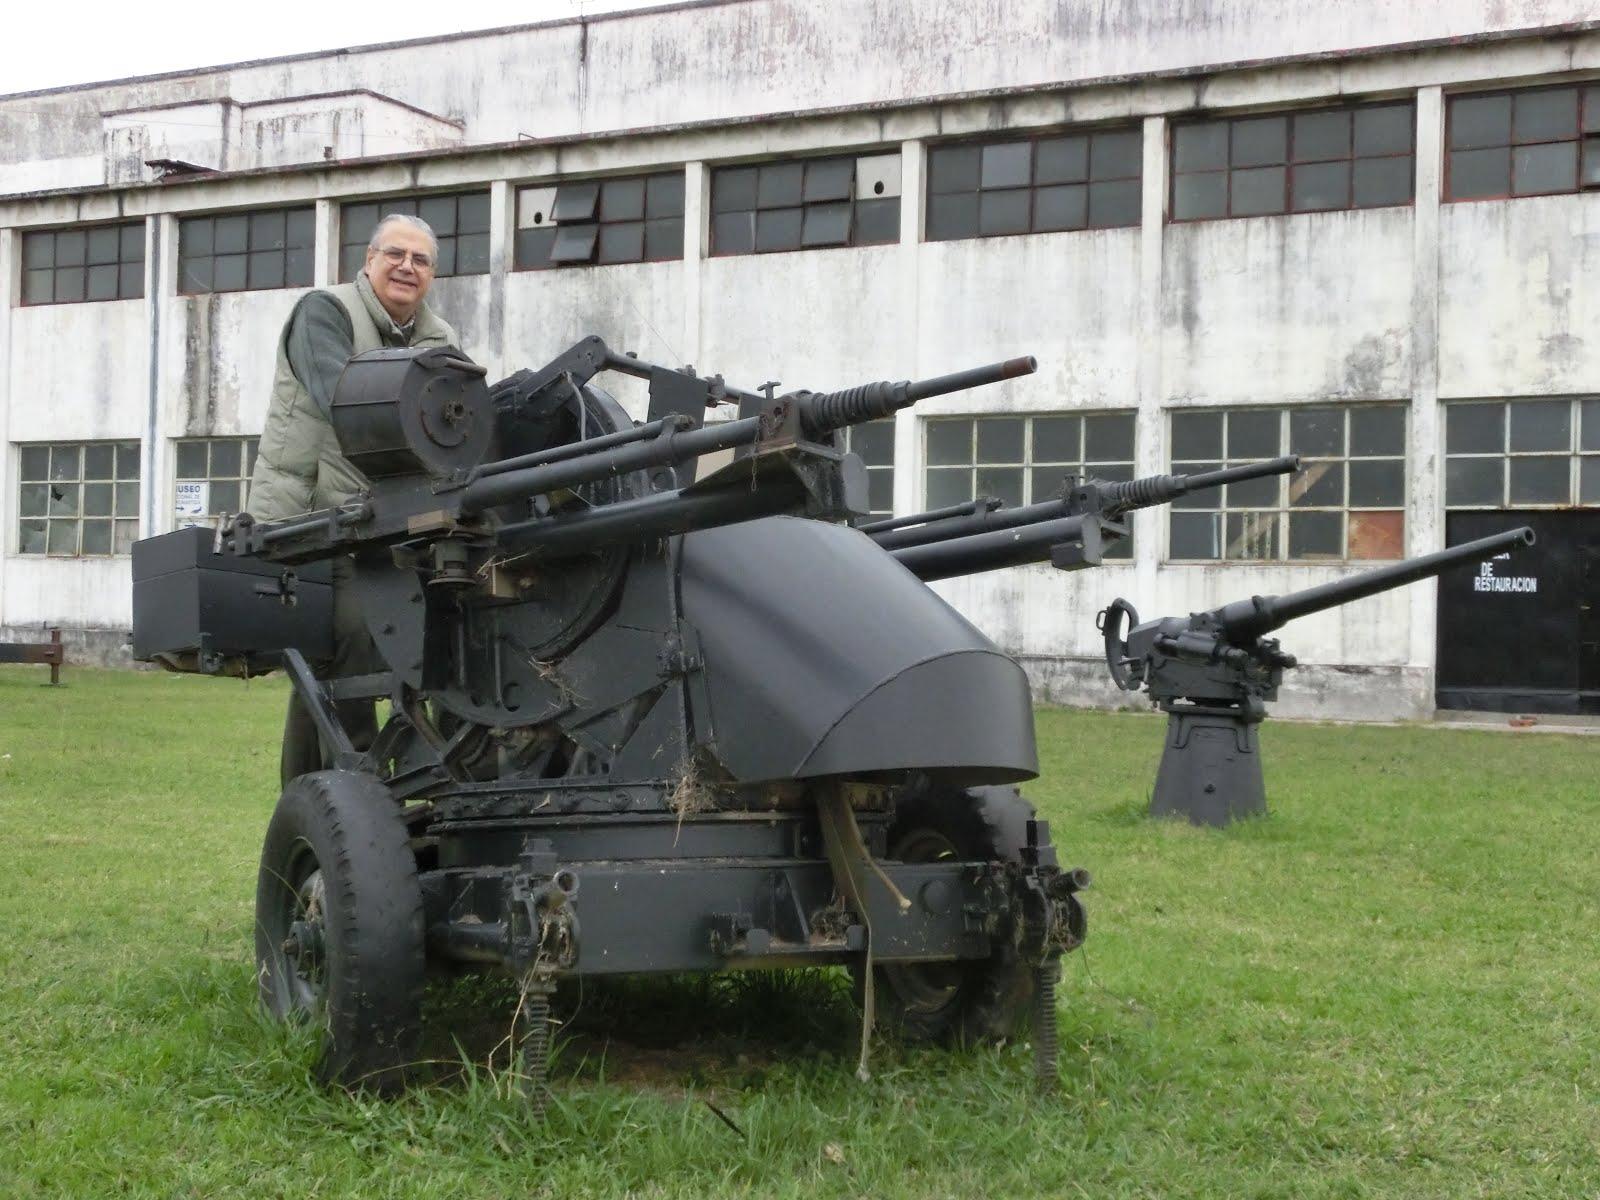 Con la defensa antiaérea (Museo Aeronáutico)